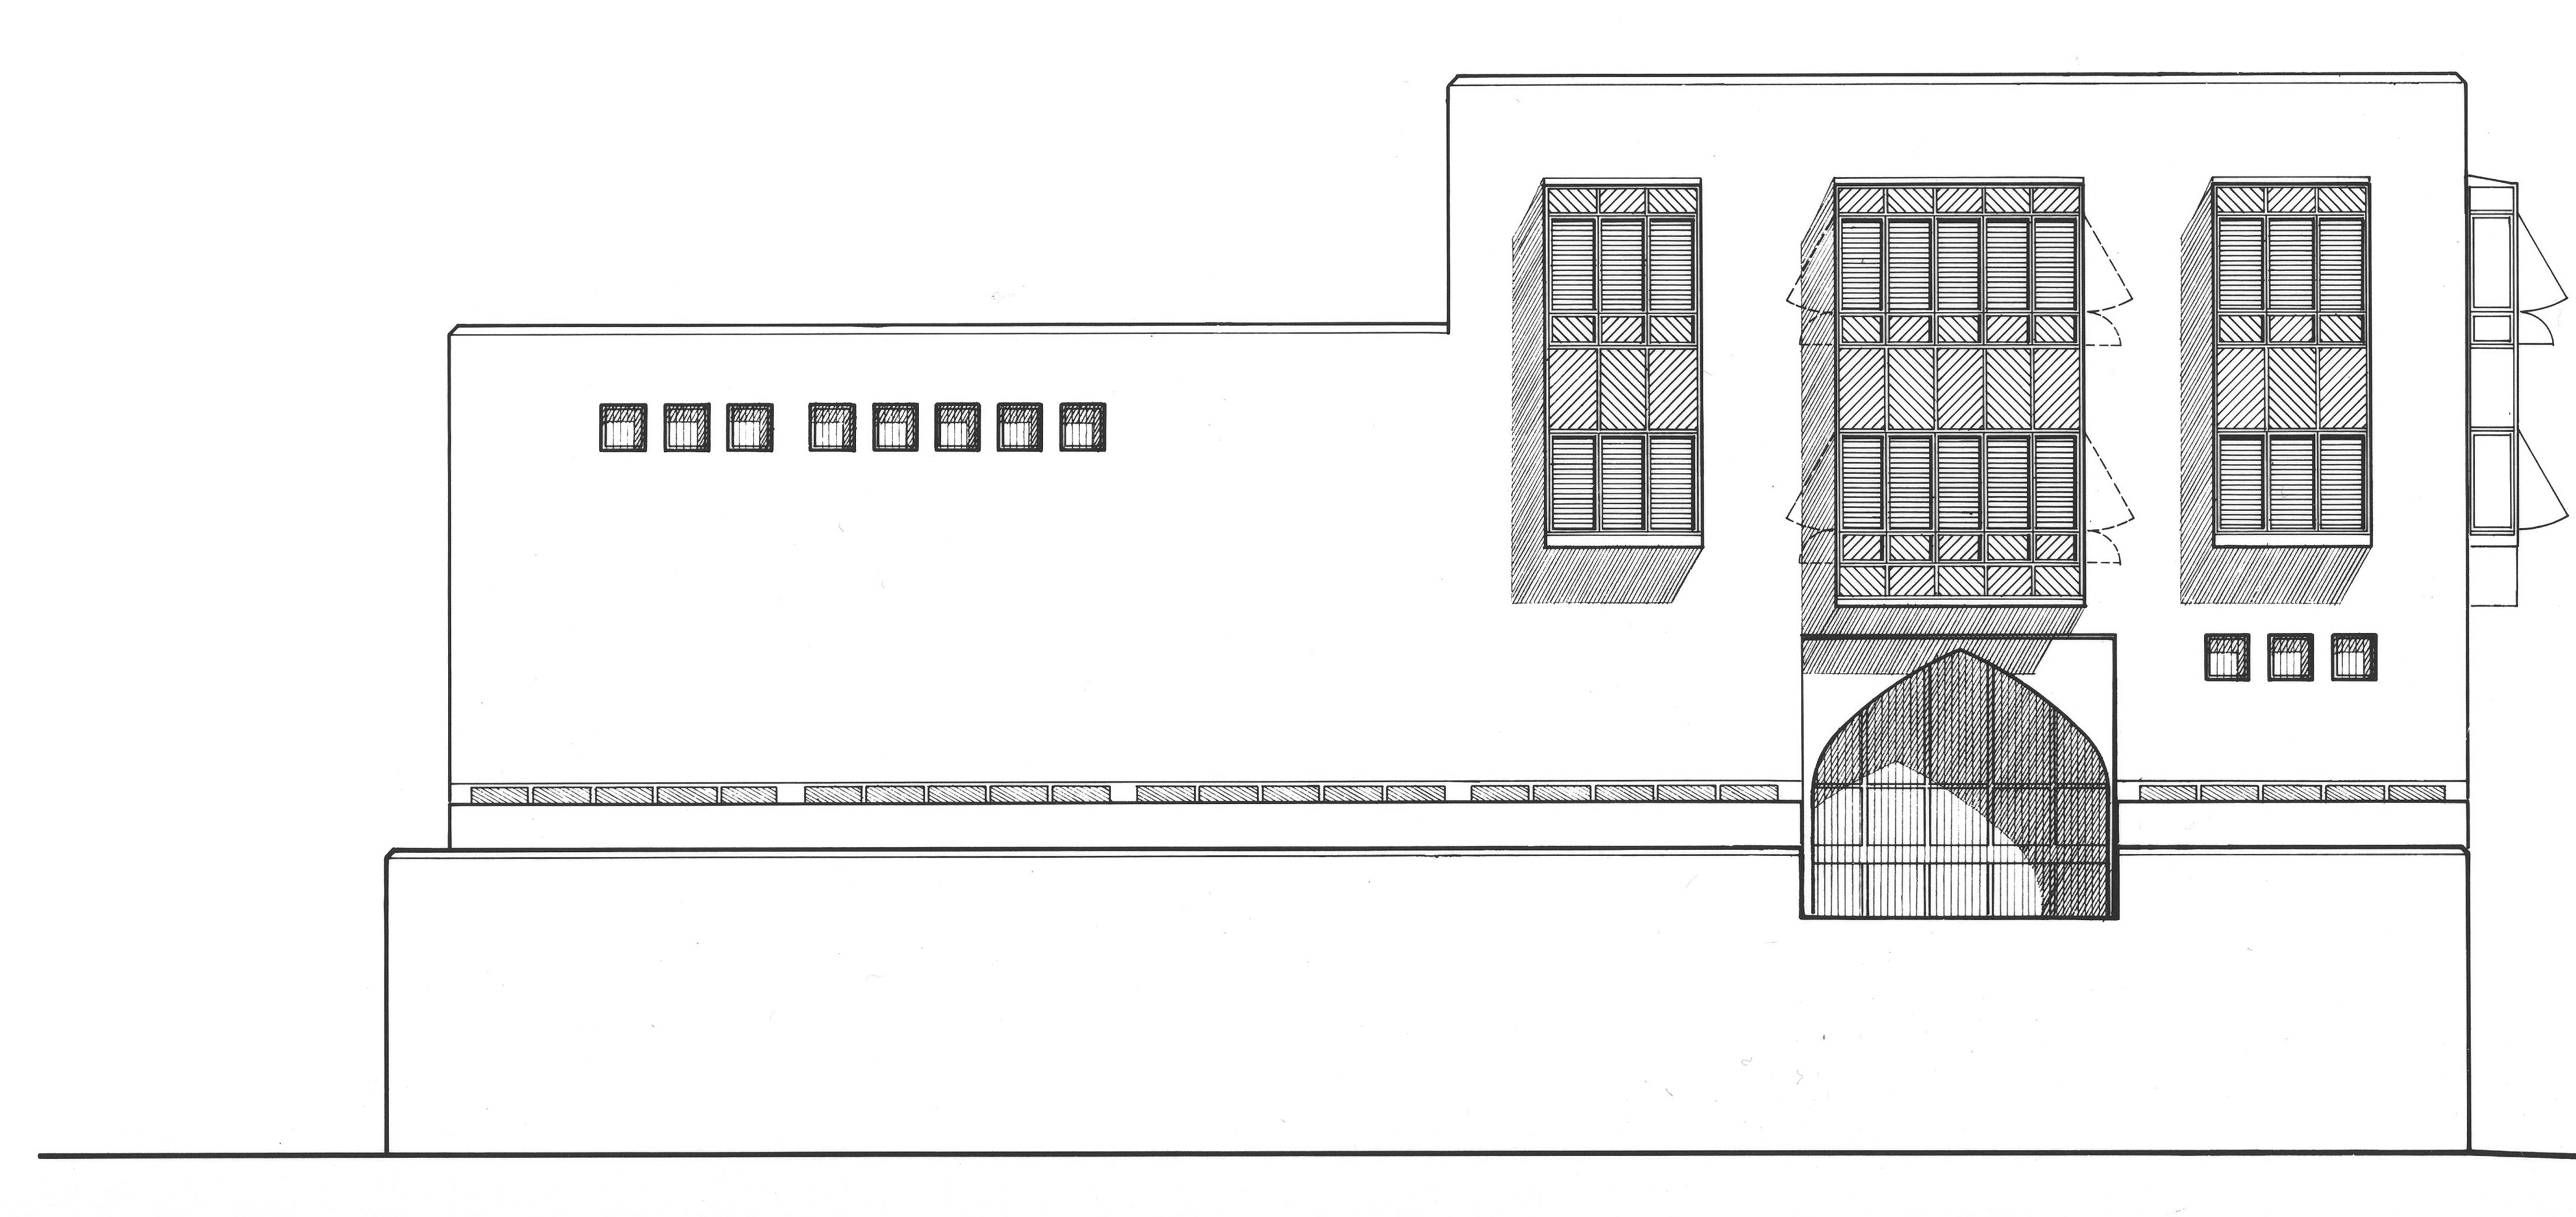 Ground Floor Elevation Download : Ground floor building elevation joy studio design